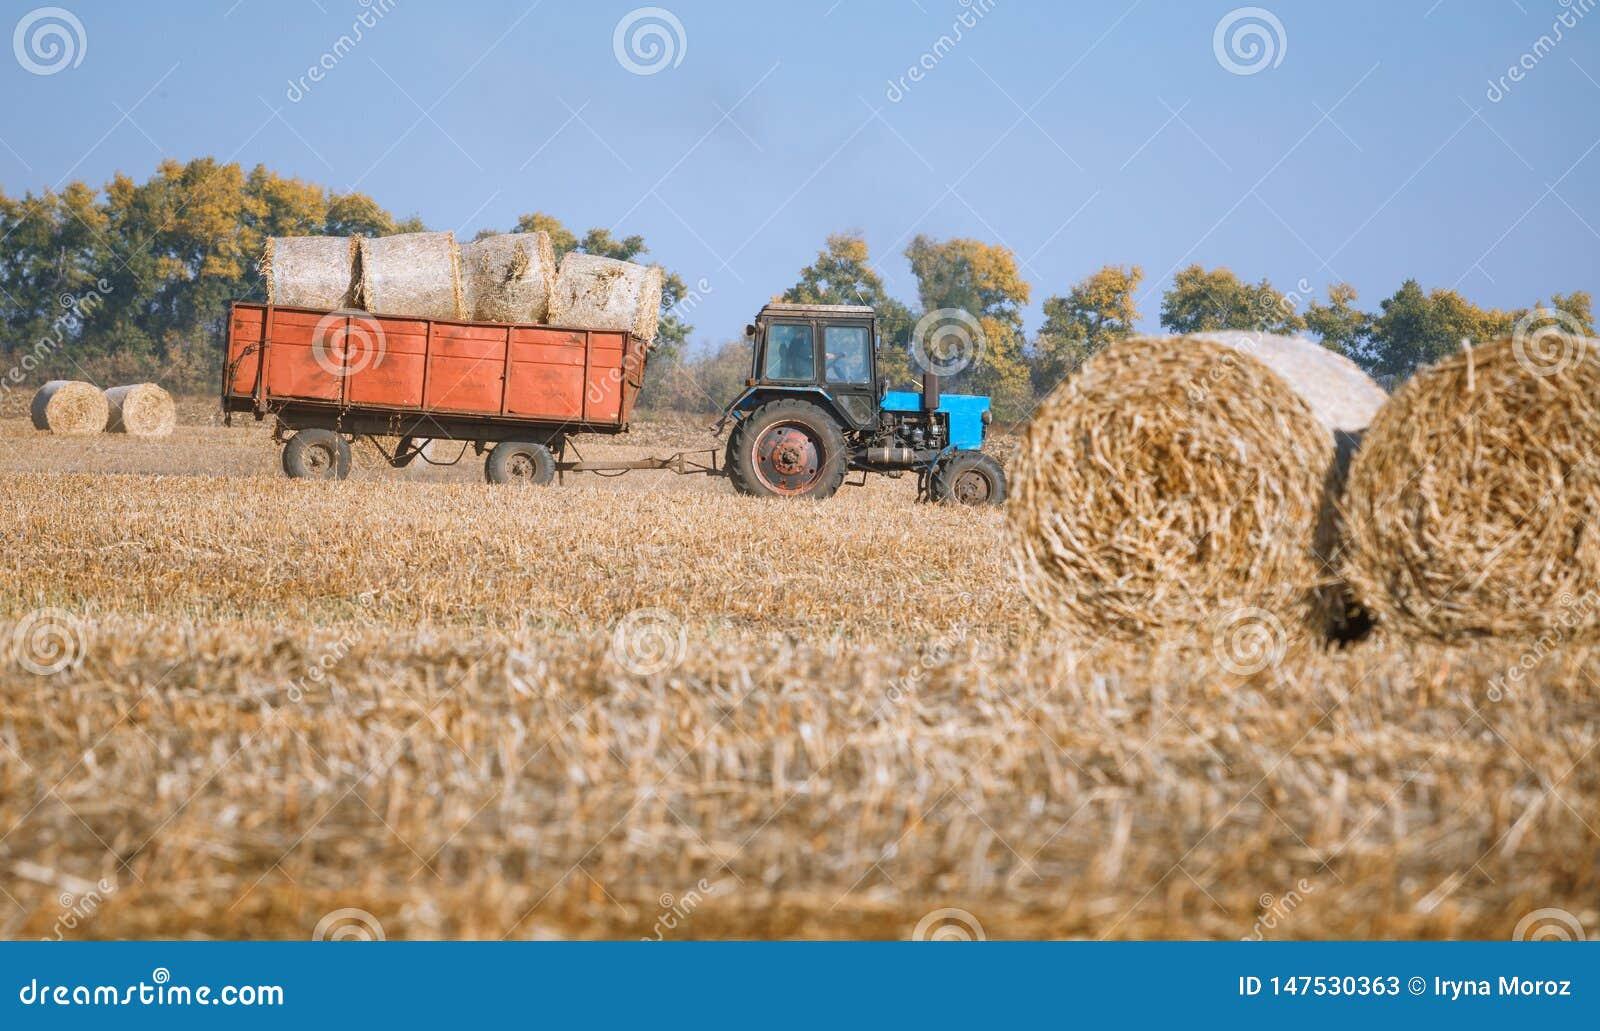 Siano kaucja zbiera w cudownym jesie? rolnik?w pola krajobrazie z siano stertami